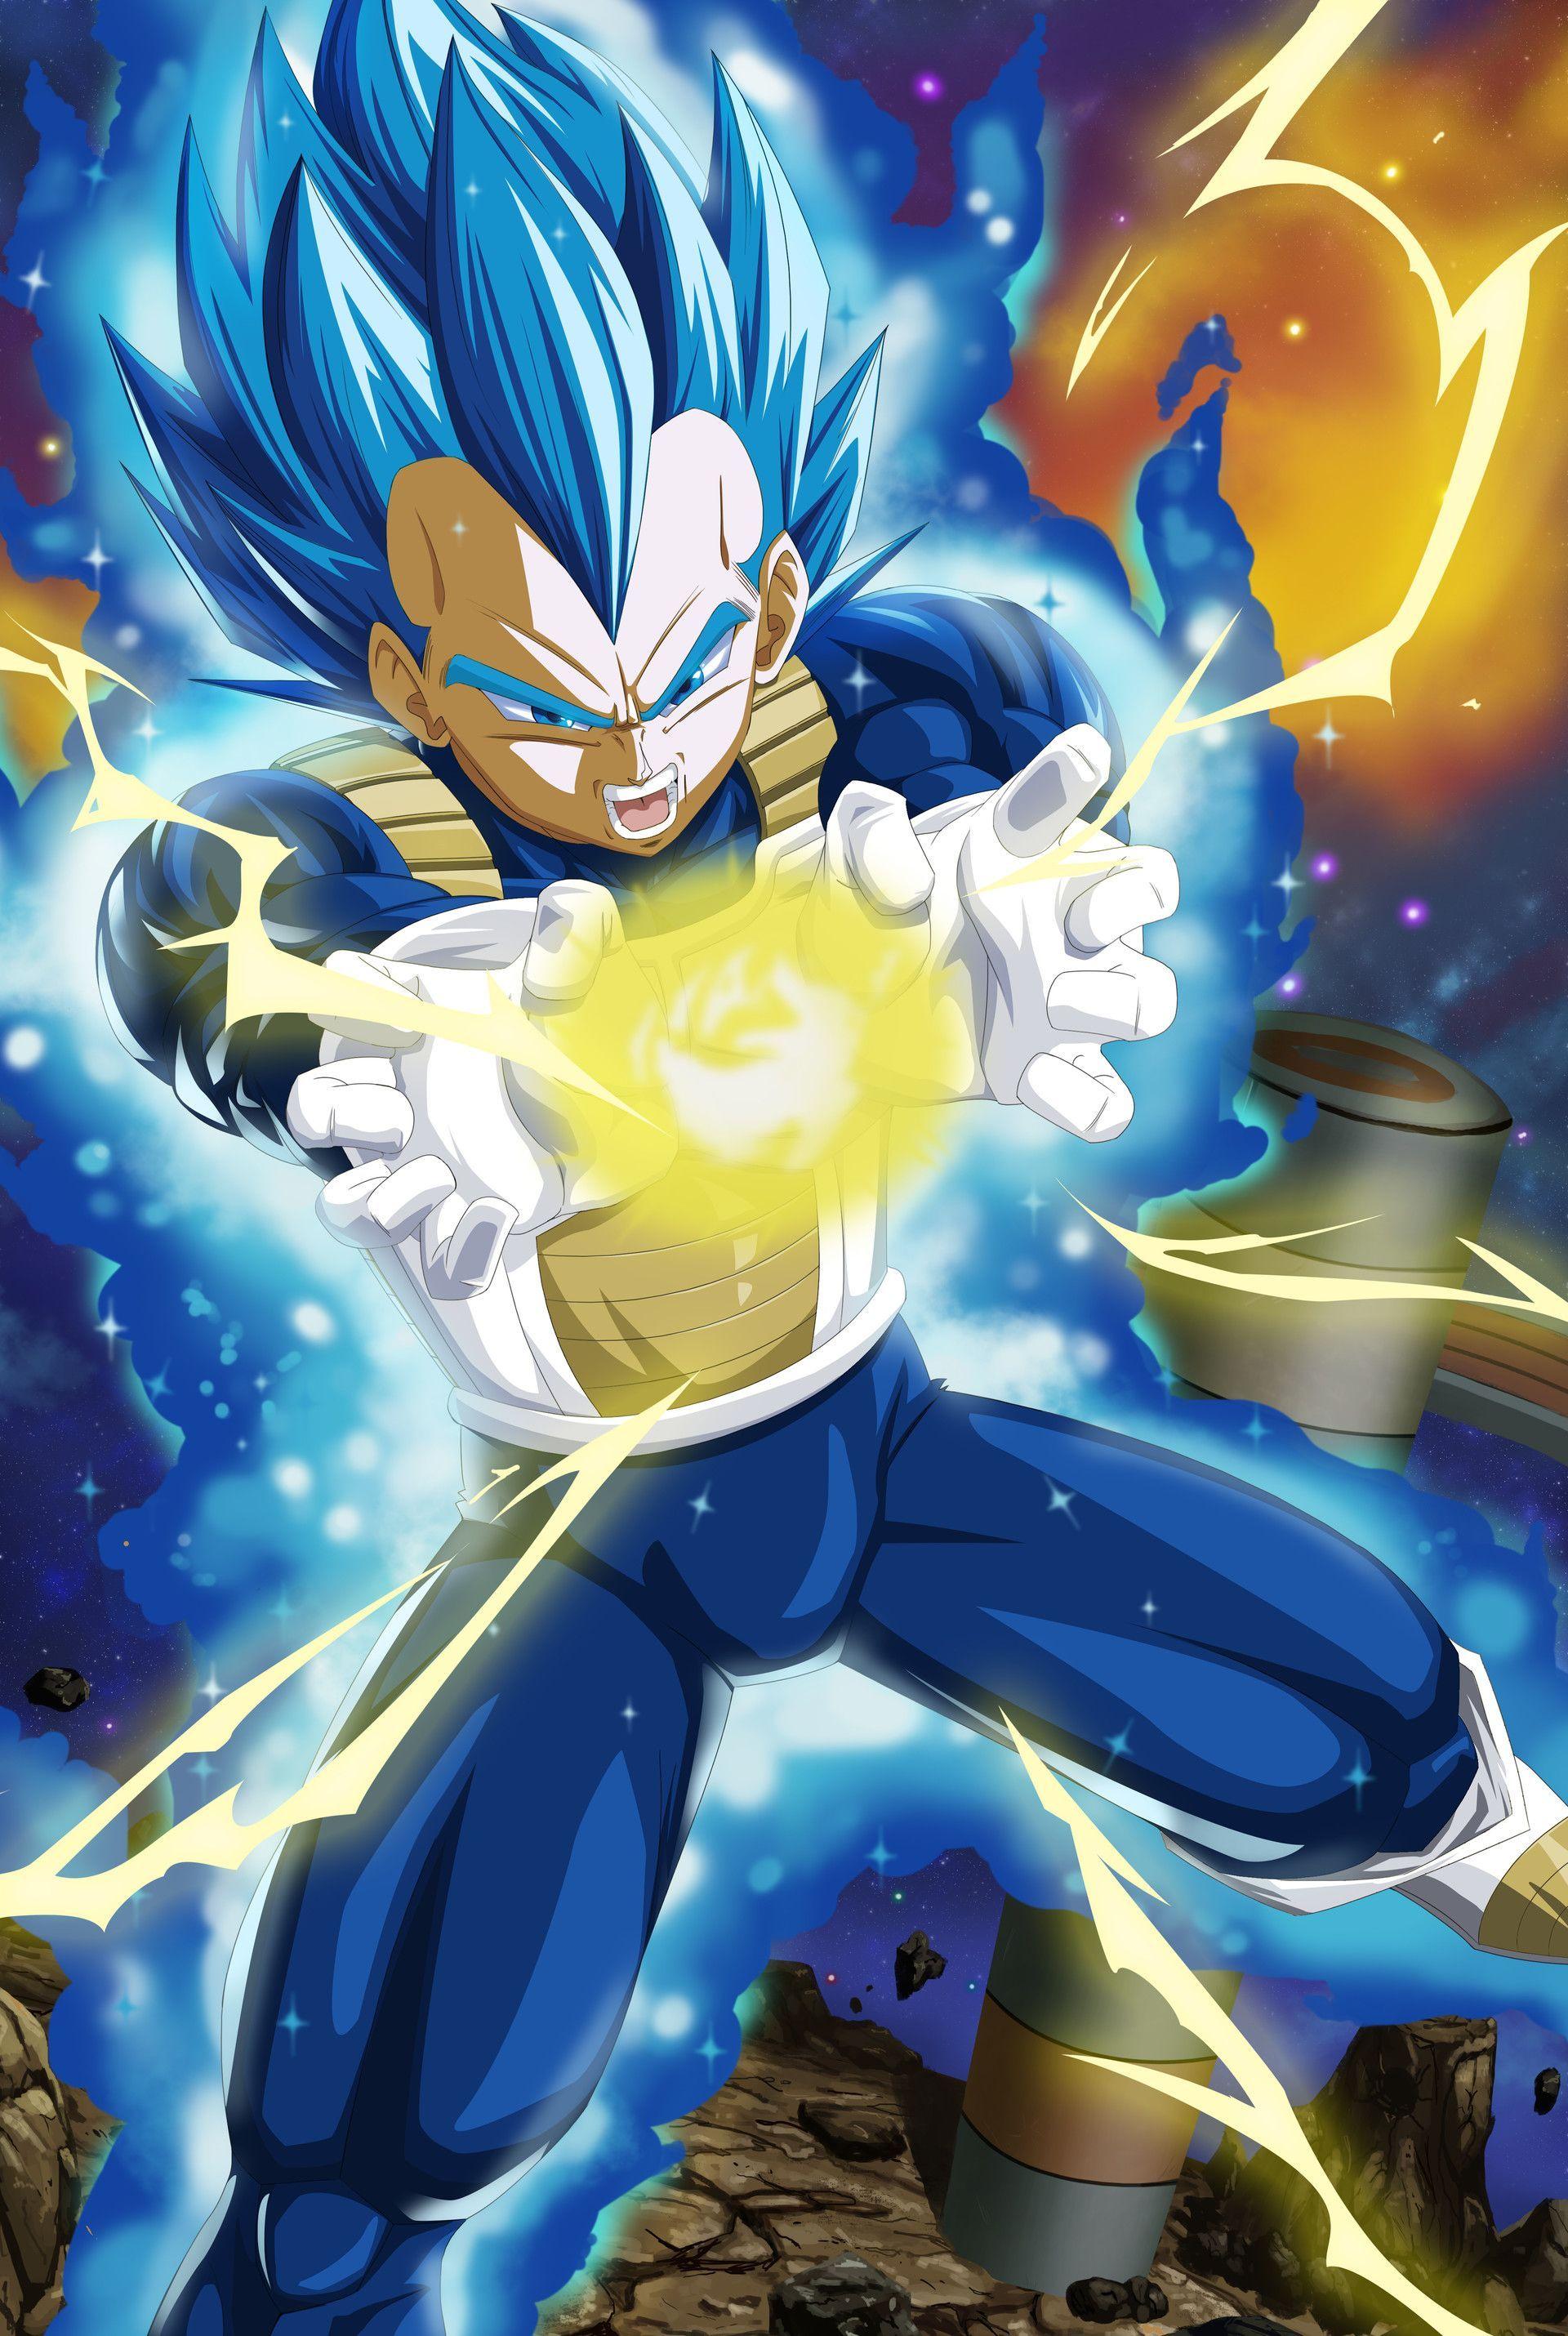 Image by Mike on Dragon Ball Anime dragon ball super